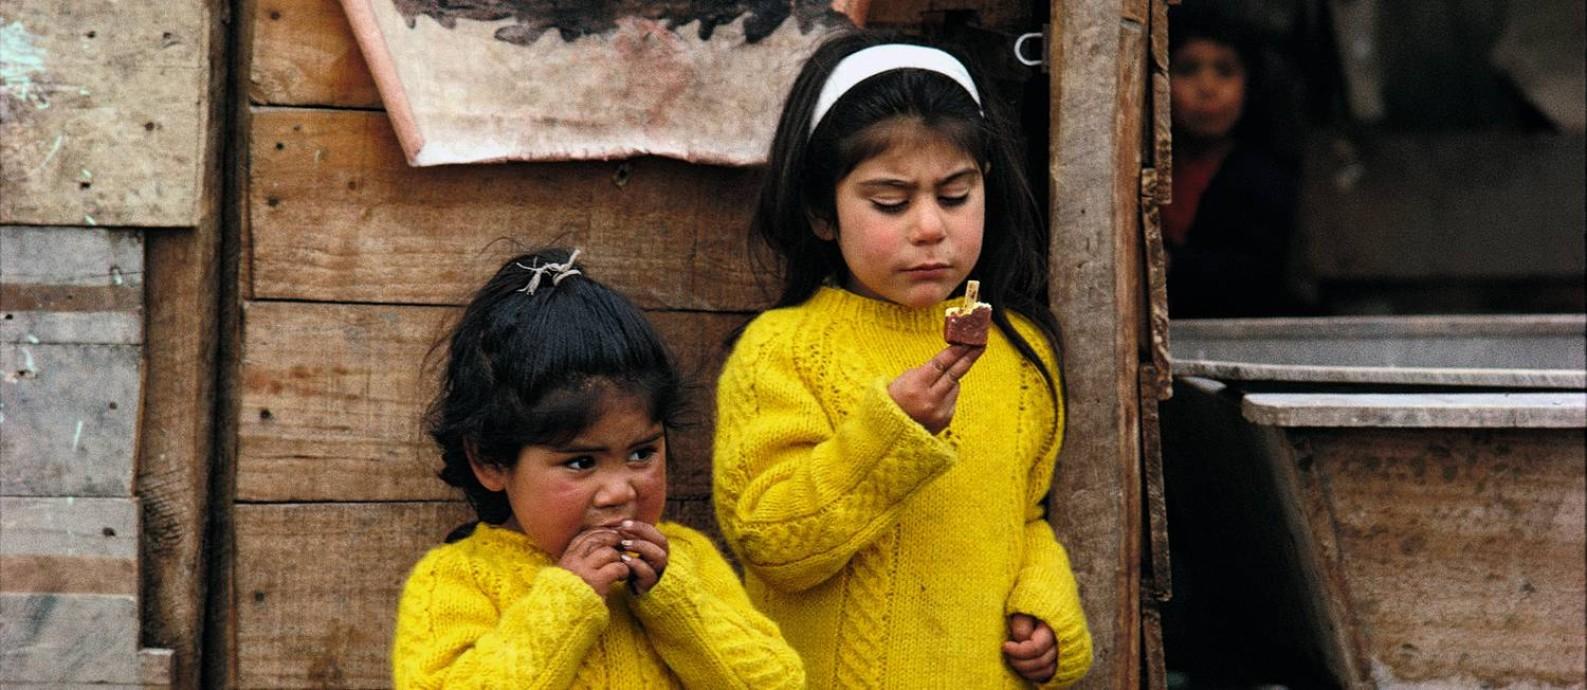 Foto feita num acampamento no subúrbio de Santiago, Chile, em 1971 Foto: Divulgação/Raymond Depardon